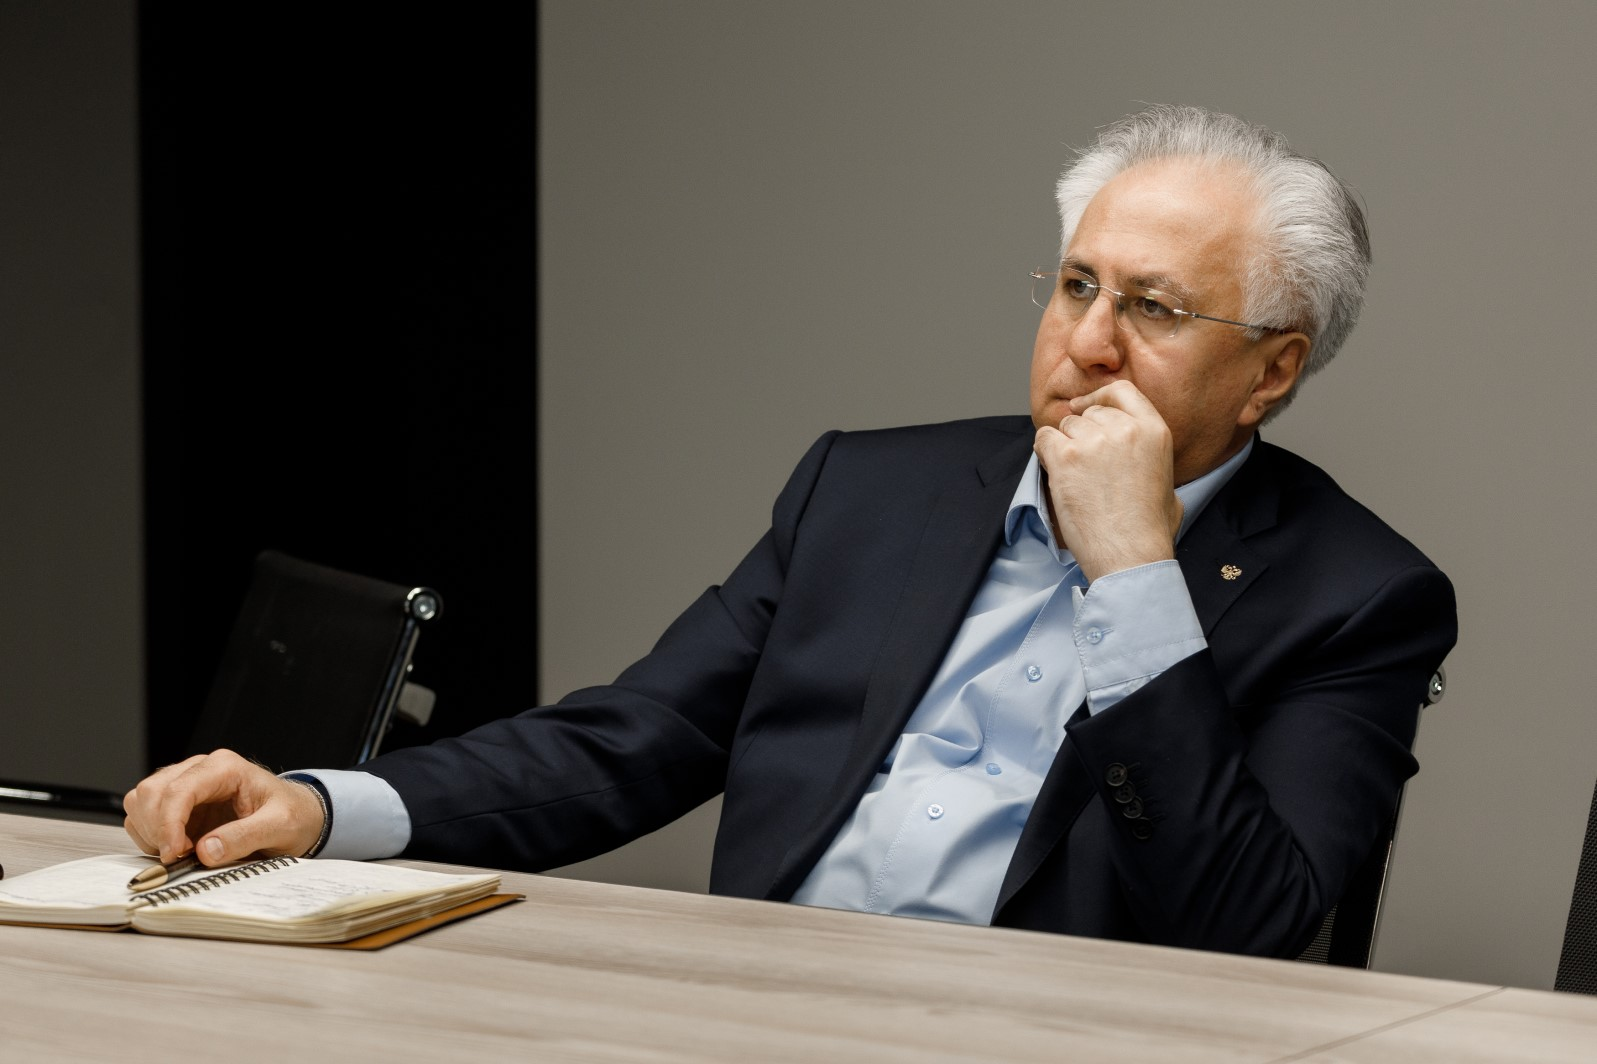 Председатель Российского экологического общества о том, как экологическое регулирование стало новым вызовом для бизнеса